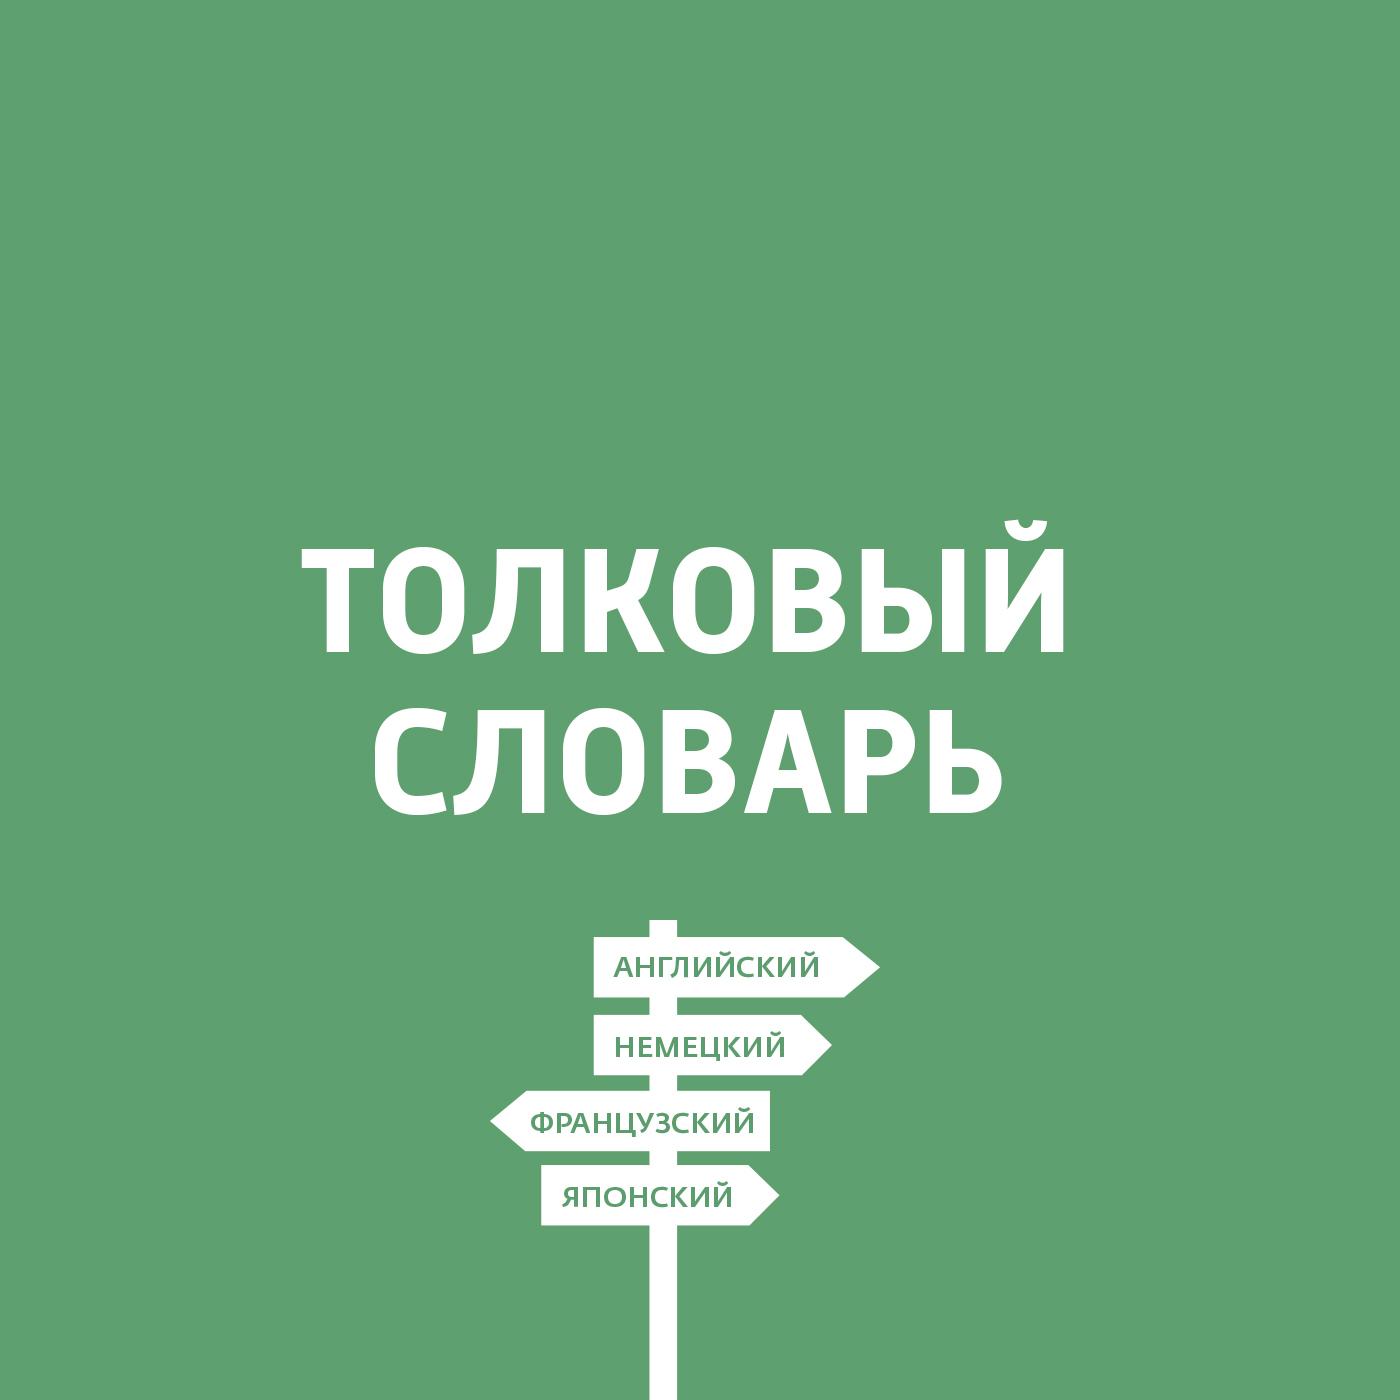 Дмитрий Петров Смешение языков. Гибридные языки. Сленги одед шенкар имитаторы как компании заимствуют и перерабатывают чужие идеи